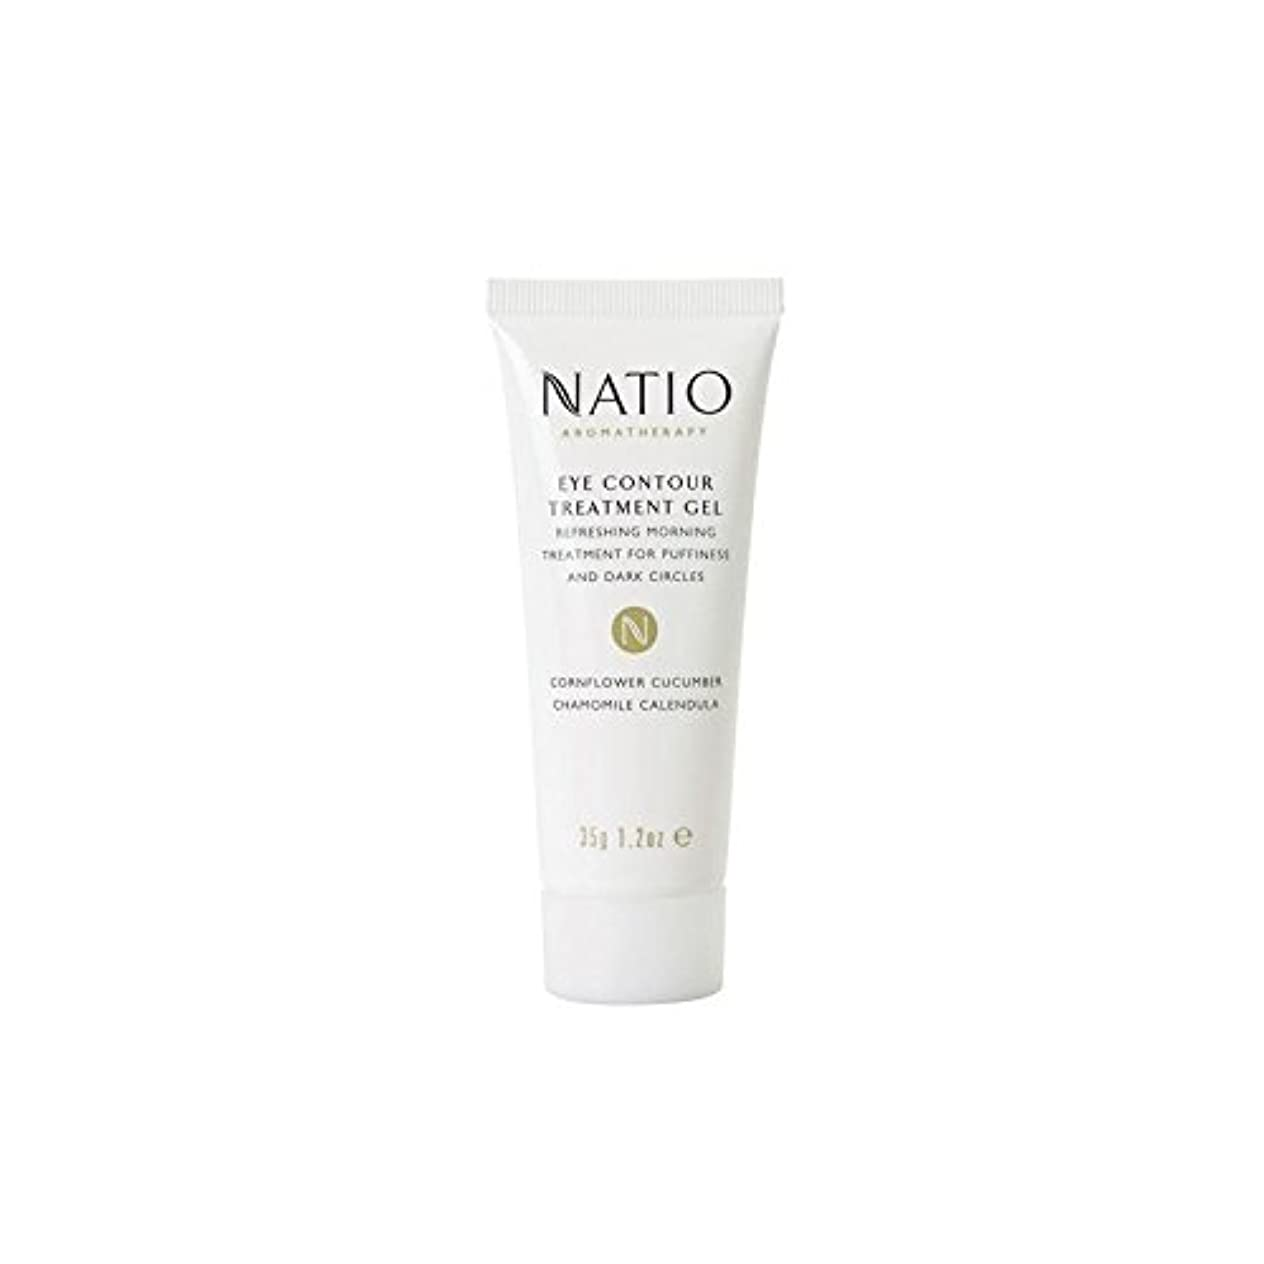 賠償高度豚眼輪郭処理ゲル(35グラム) x2 - Natio Eye Contour Treatment Gel (35G) (Pack of 2) [並行輸入品]